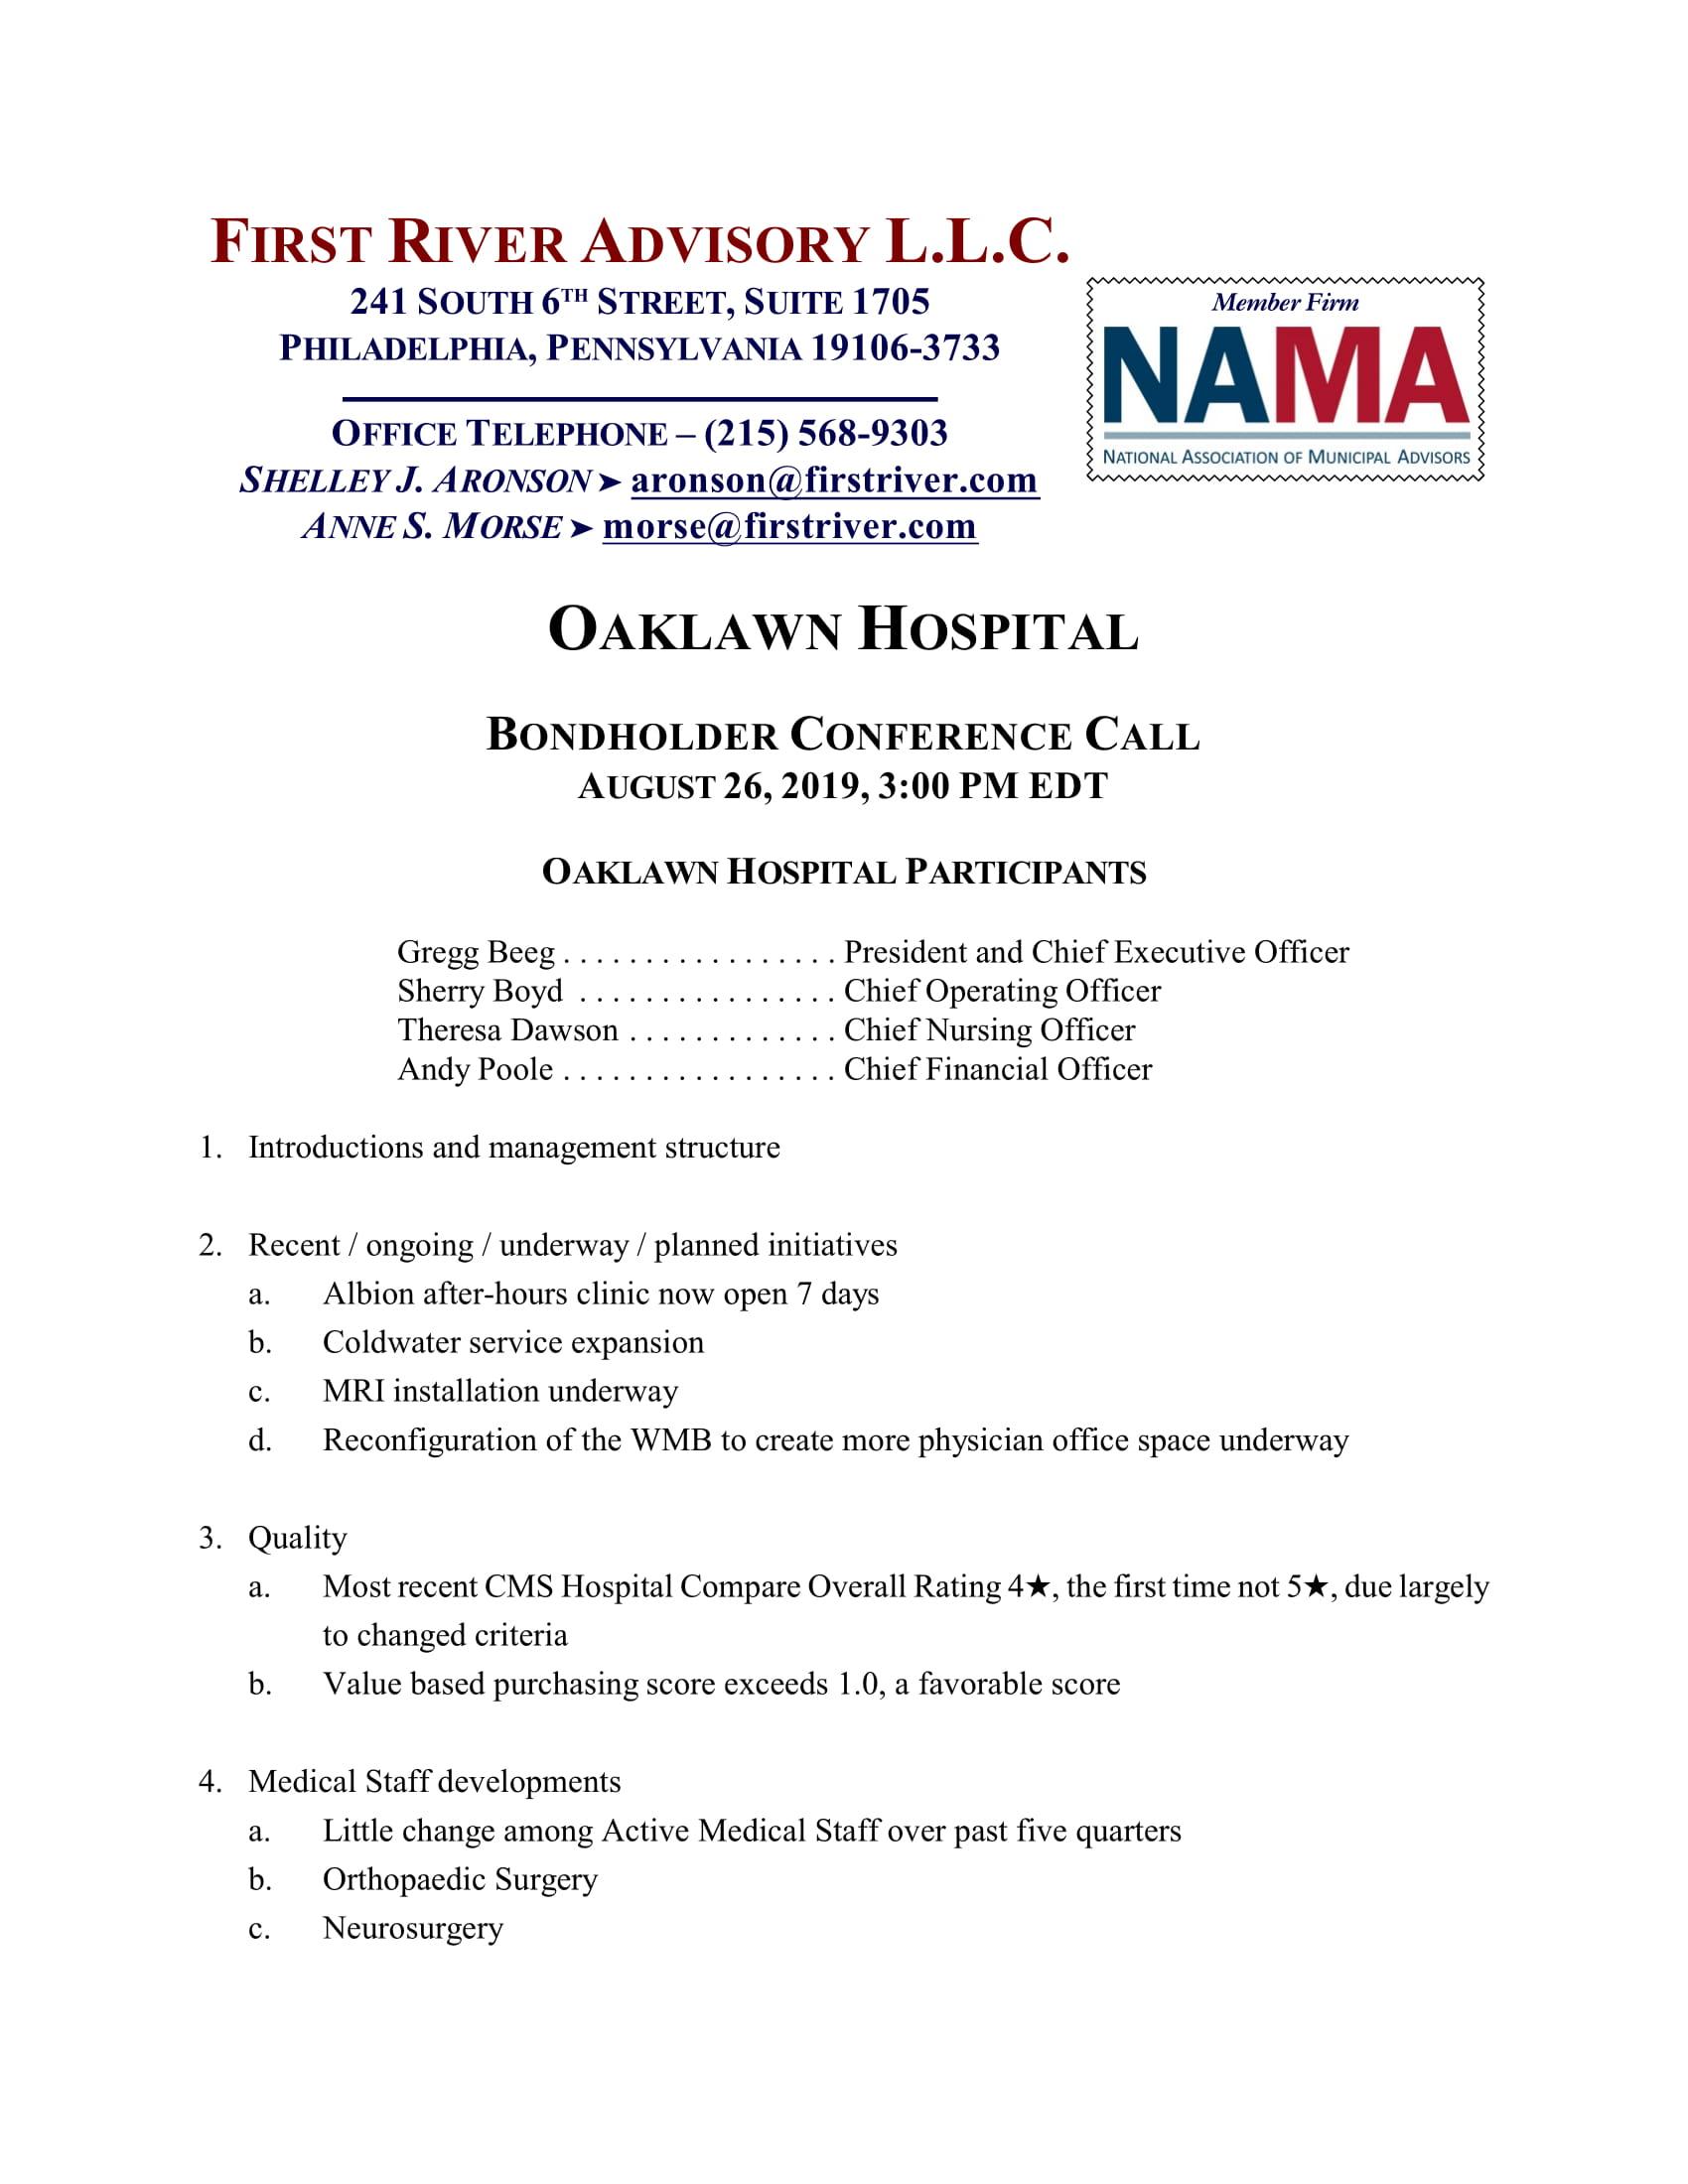 Oaklawn Hospital Bondholder Conference Call